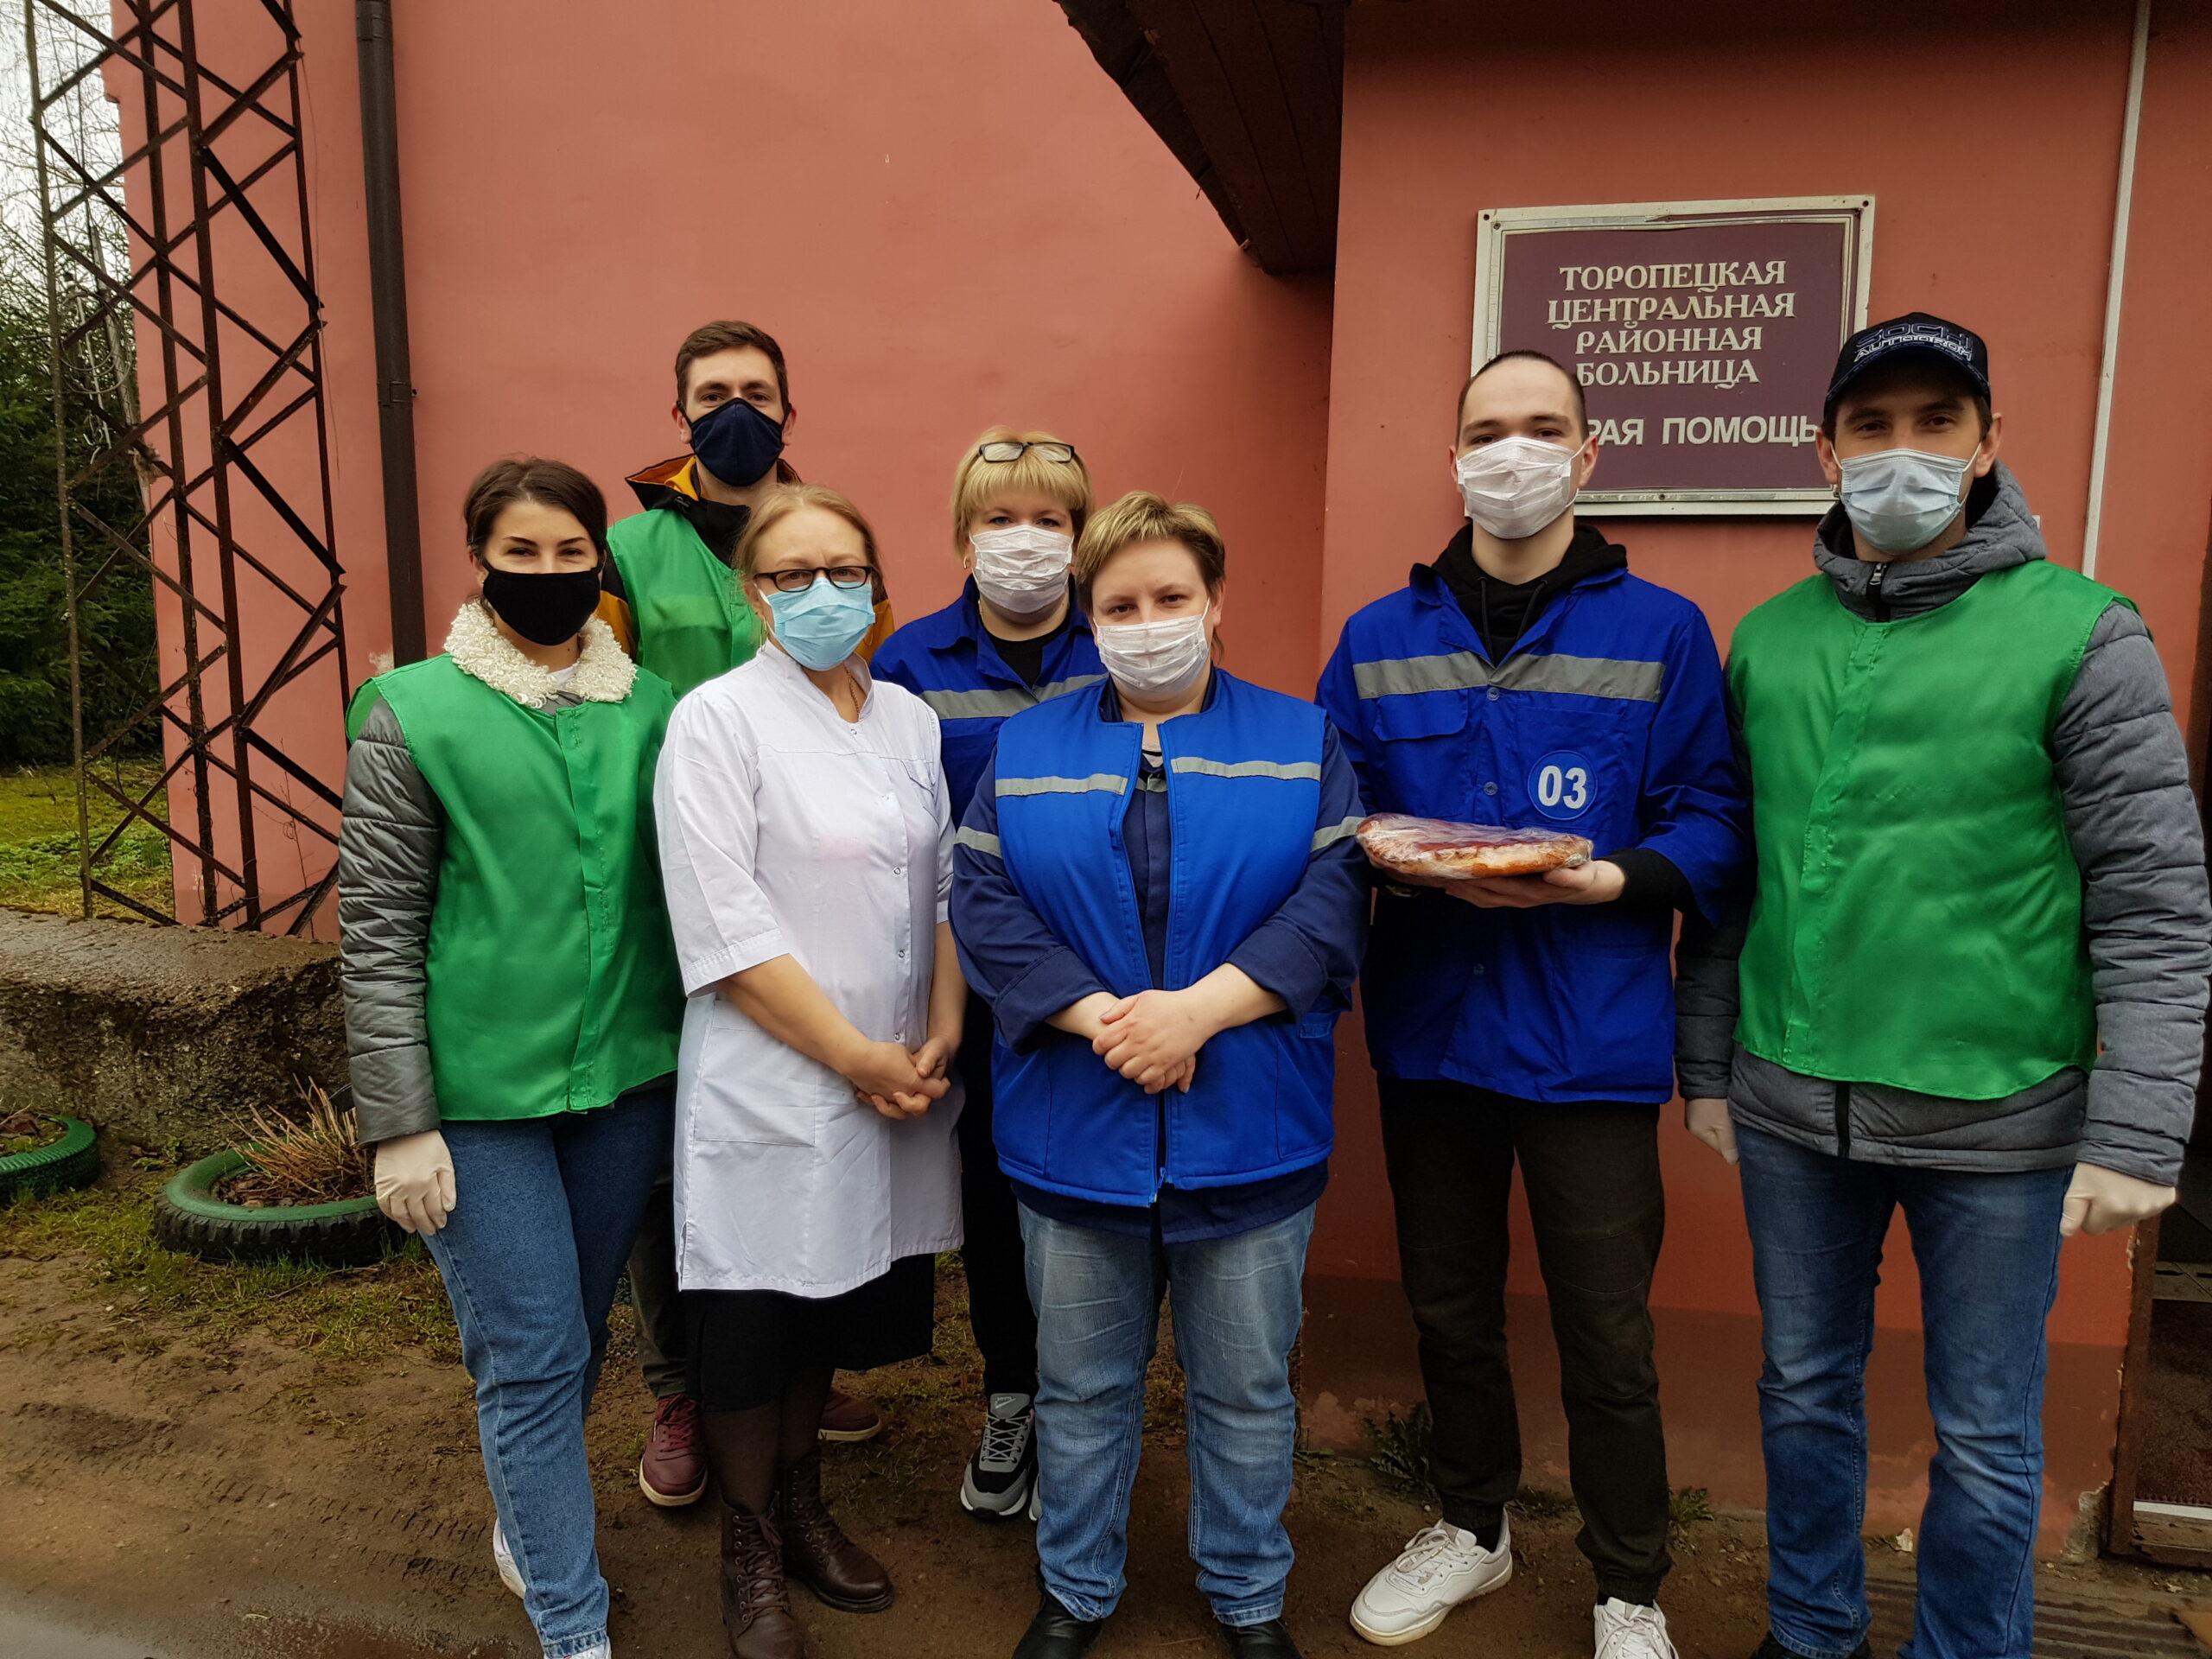 Сотрудникам скорой помощи в Тверской области подарили ленты и варенье